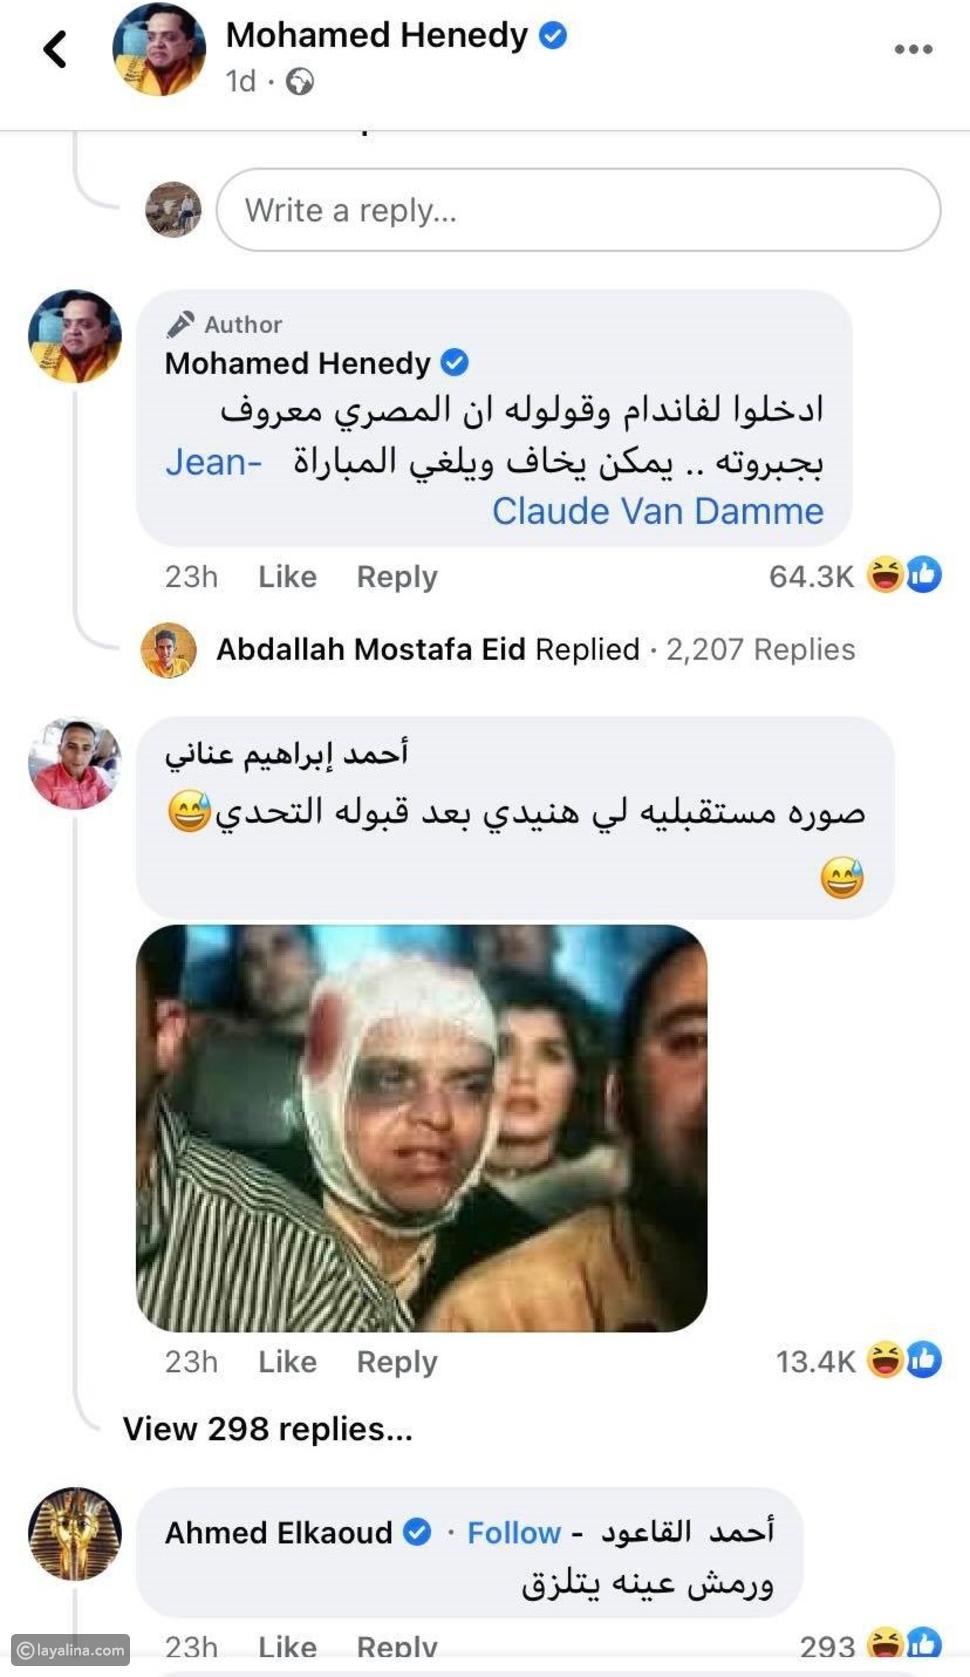 فان دام يتحدى محمد هنيدي والأخير يرد